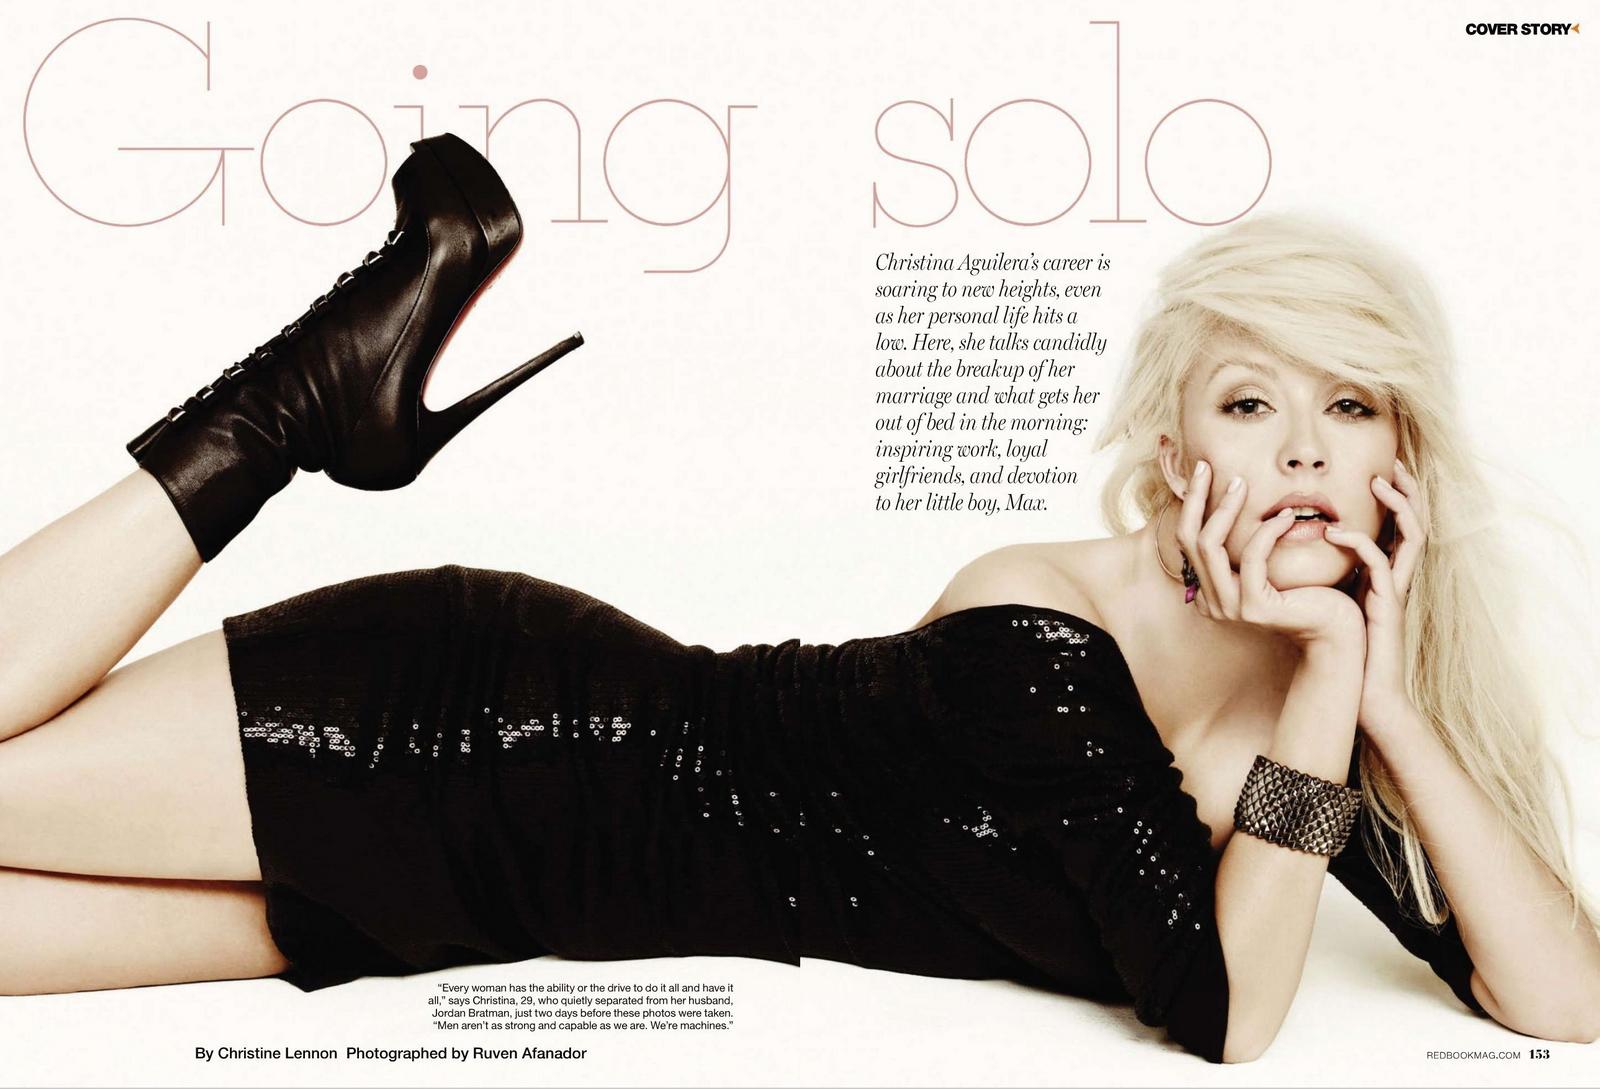 http://4.bp.blogspot.com/_Jgc-vQ1t70k/TONrCSpU38I/AAAAAAAAAHs/dv8VZsGFpwg/s1600/Christina_Aguilera+_sexy_Redbook_1.jpg